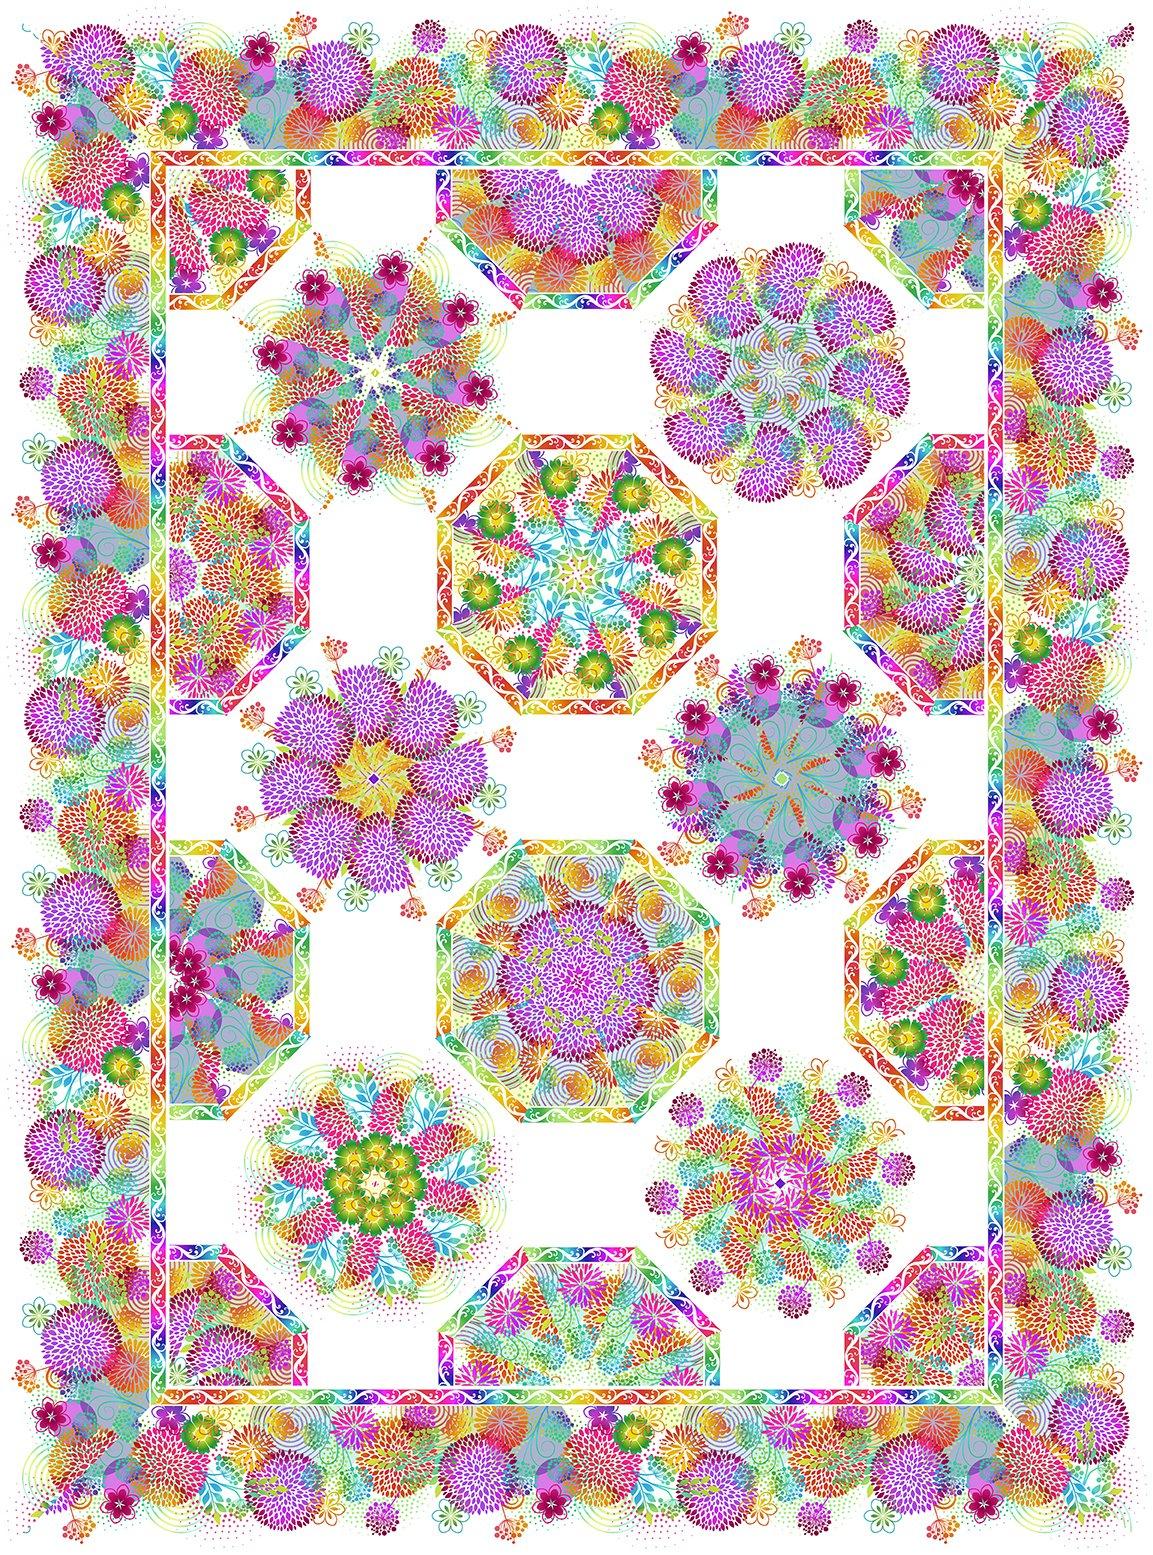 Unusual Garden II Butterfly One-Fabric Kaleidoscope Quilt Pattern